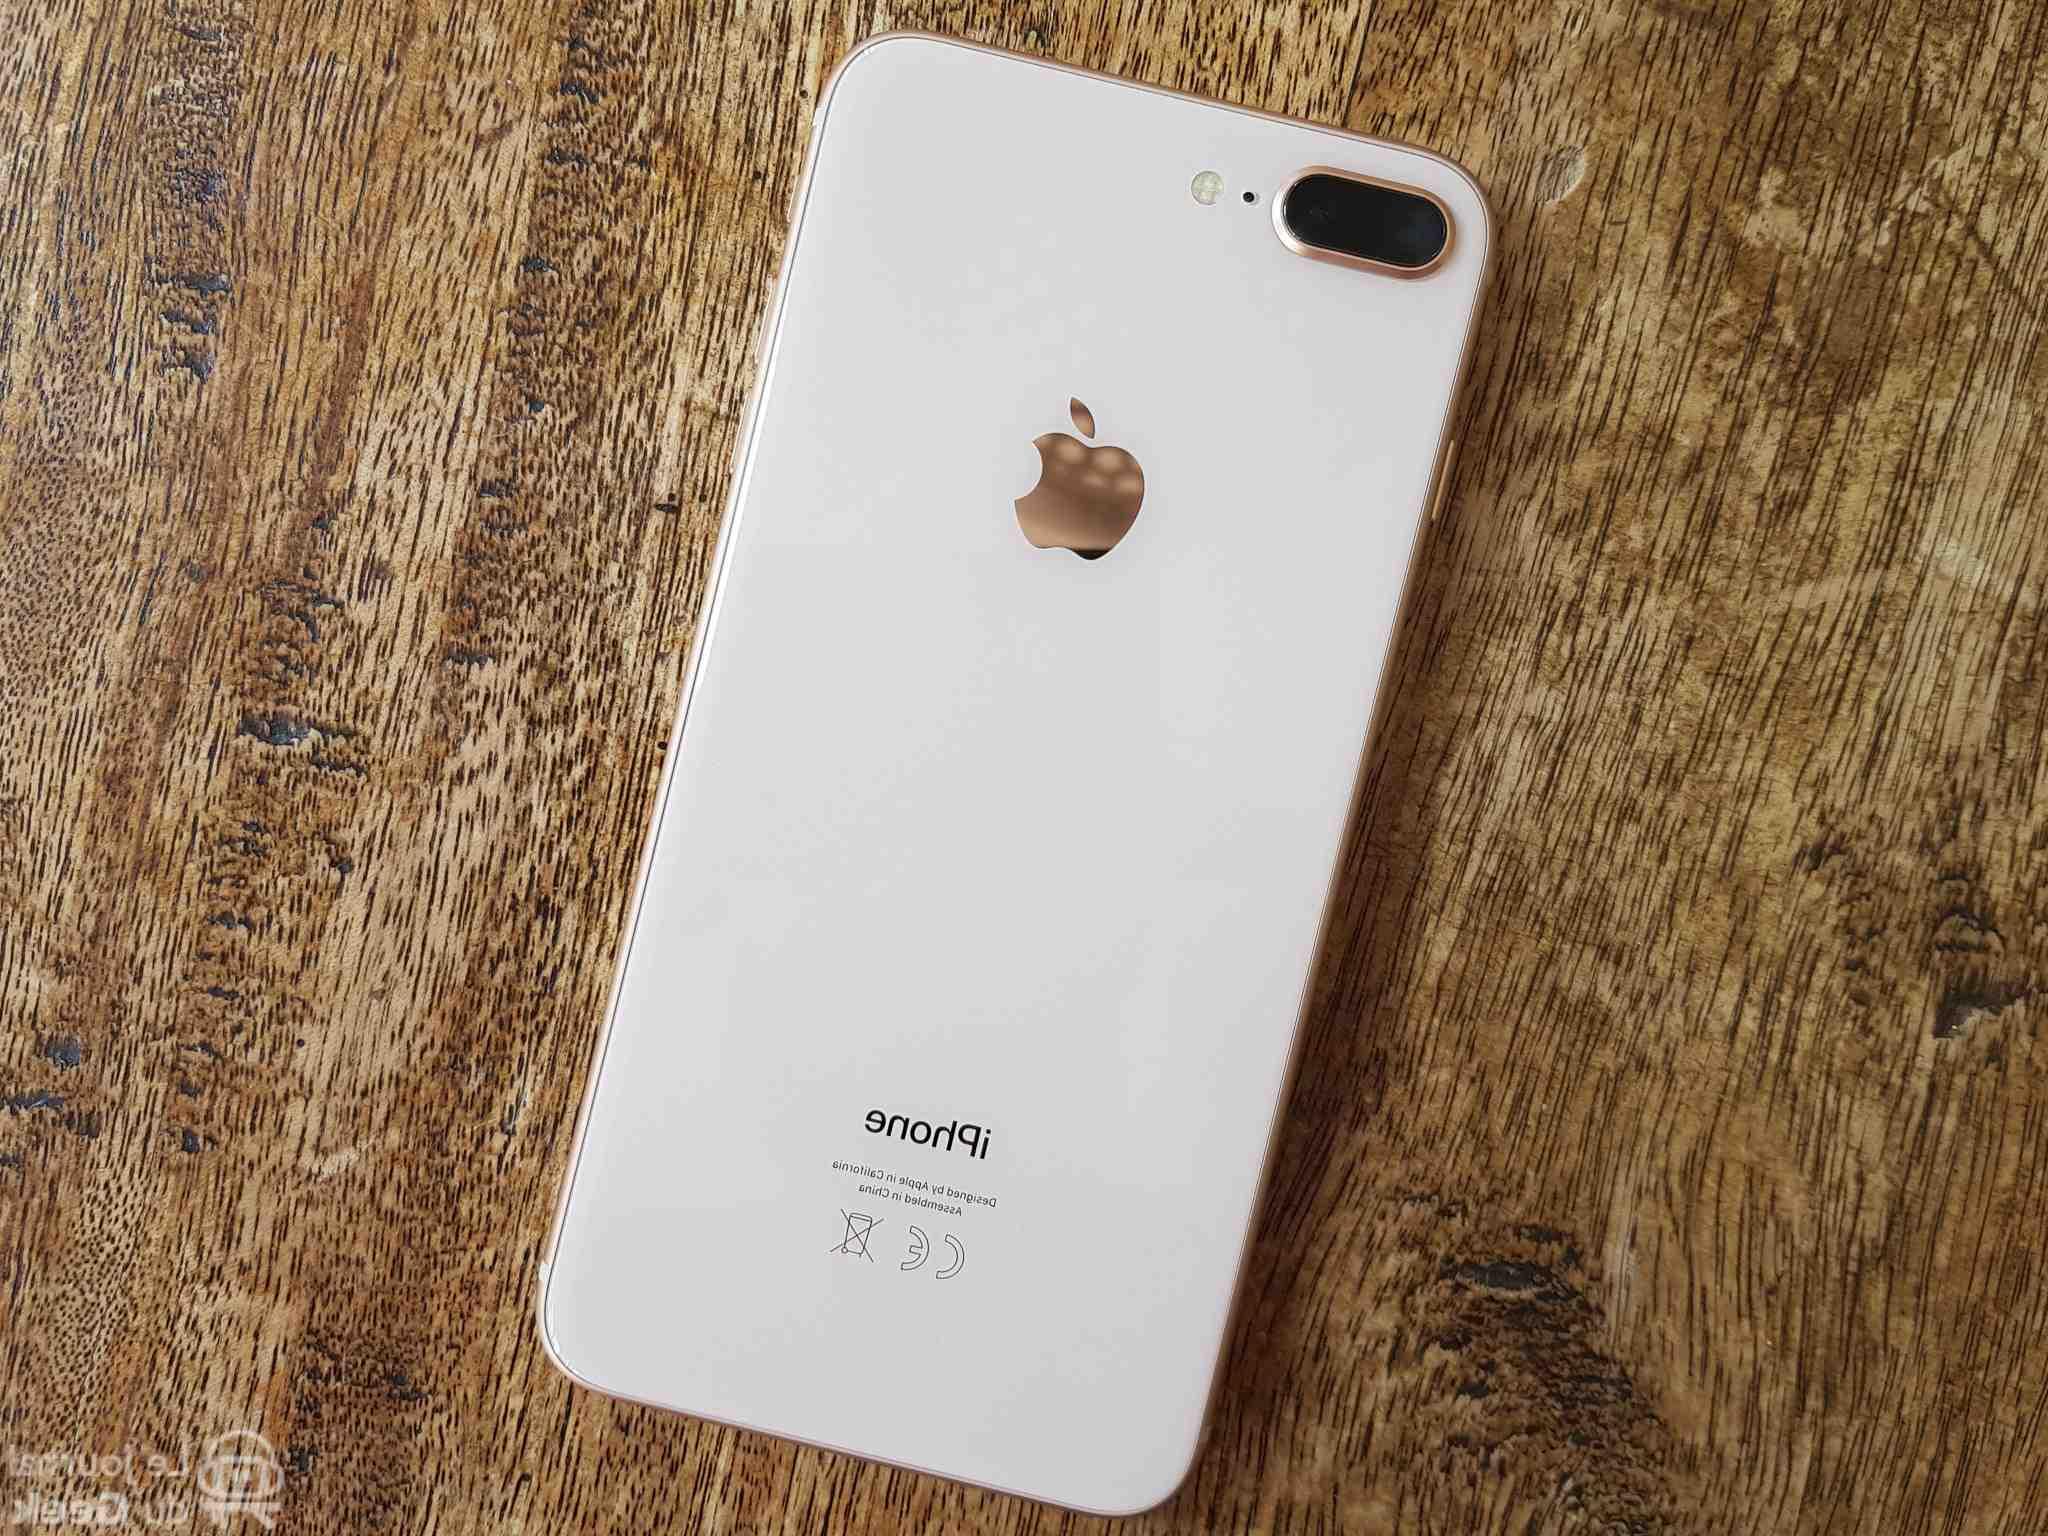 Poids de l'Iphone 8 plus